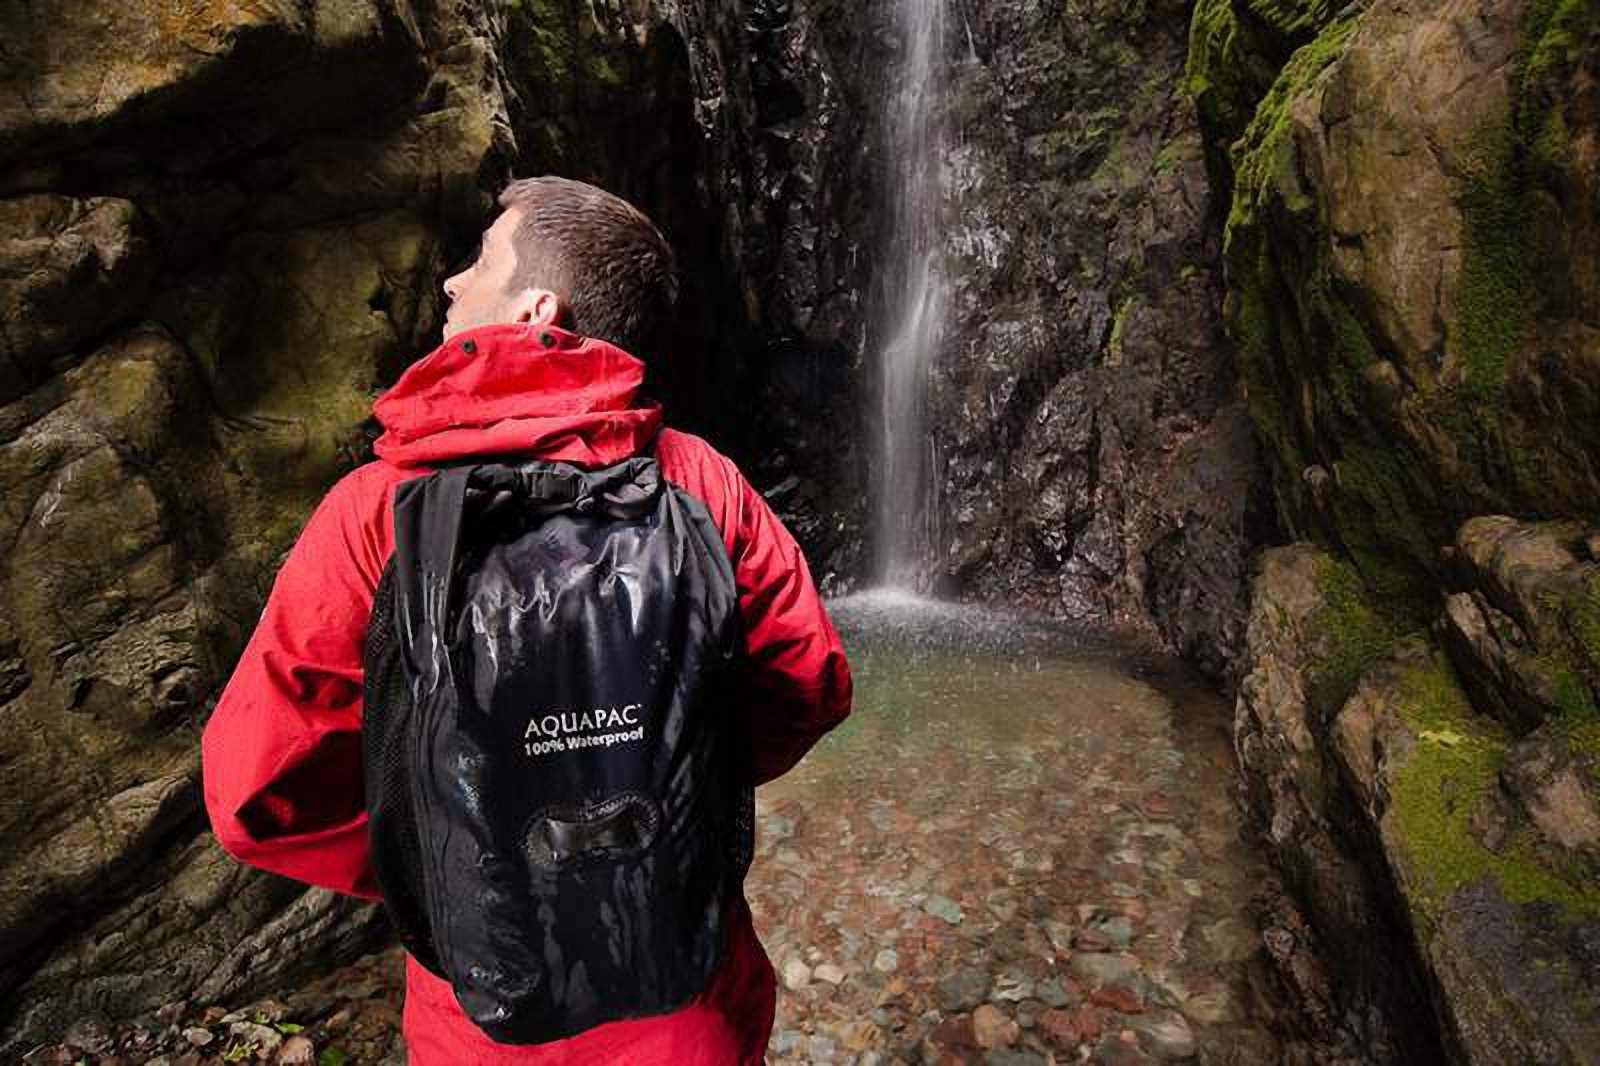 Водонепроницаемый рюкзак Aquapac 787 - Wet & Dry Backpack - 15L.. Aquapac - №1 в мире водонепроницаемых чехлов и сумок. Фото 8